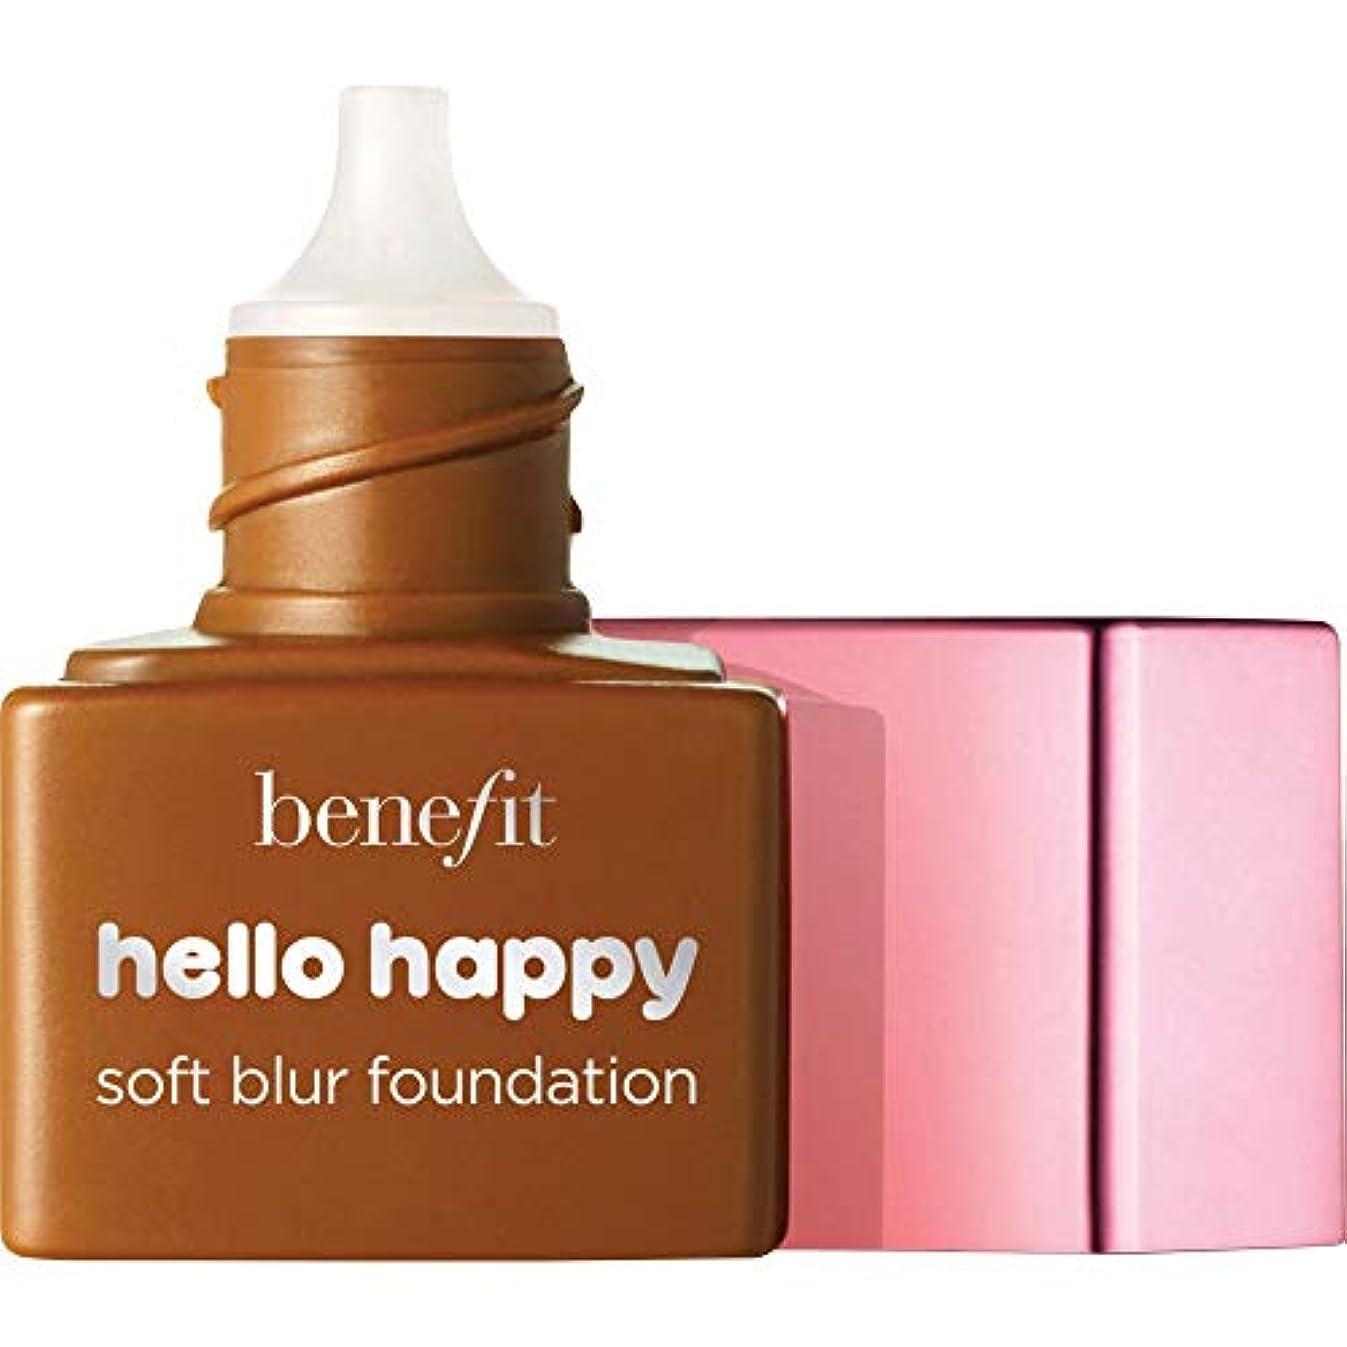 詐欺師元の豊かな[Benefit ] ミニ9 - - ハロー幸せソフトブラー基礎Spf15の6ミリリットルの利益中立深いです - Benefit Hello Happy Soft Blur Foundation SPF15 6ml -...